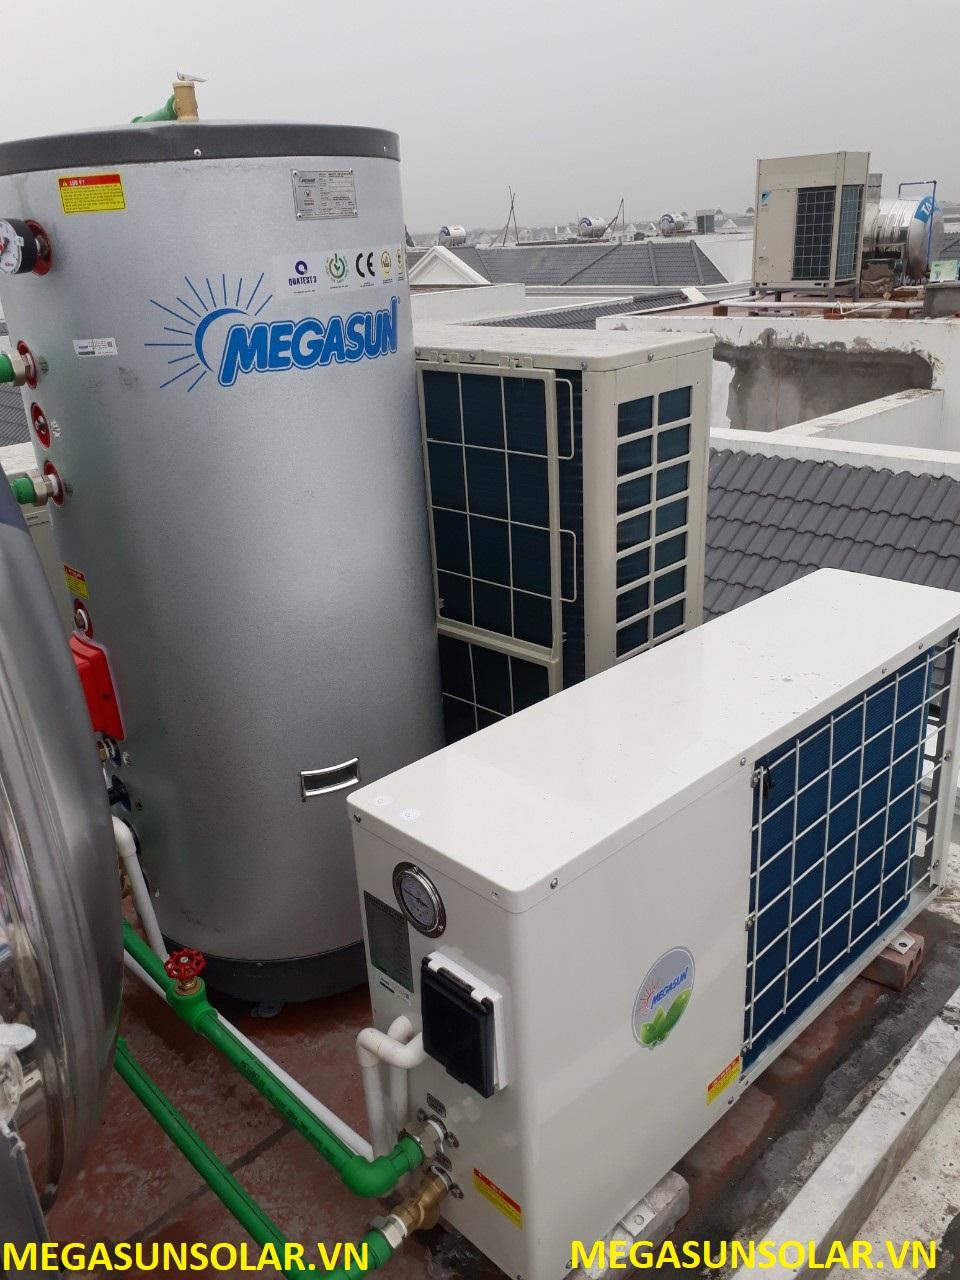 bơm nhiệt Megasun đạt chuẩn chất lượng Châu Âu